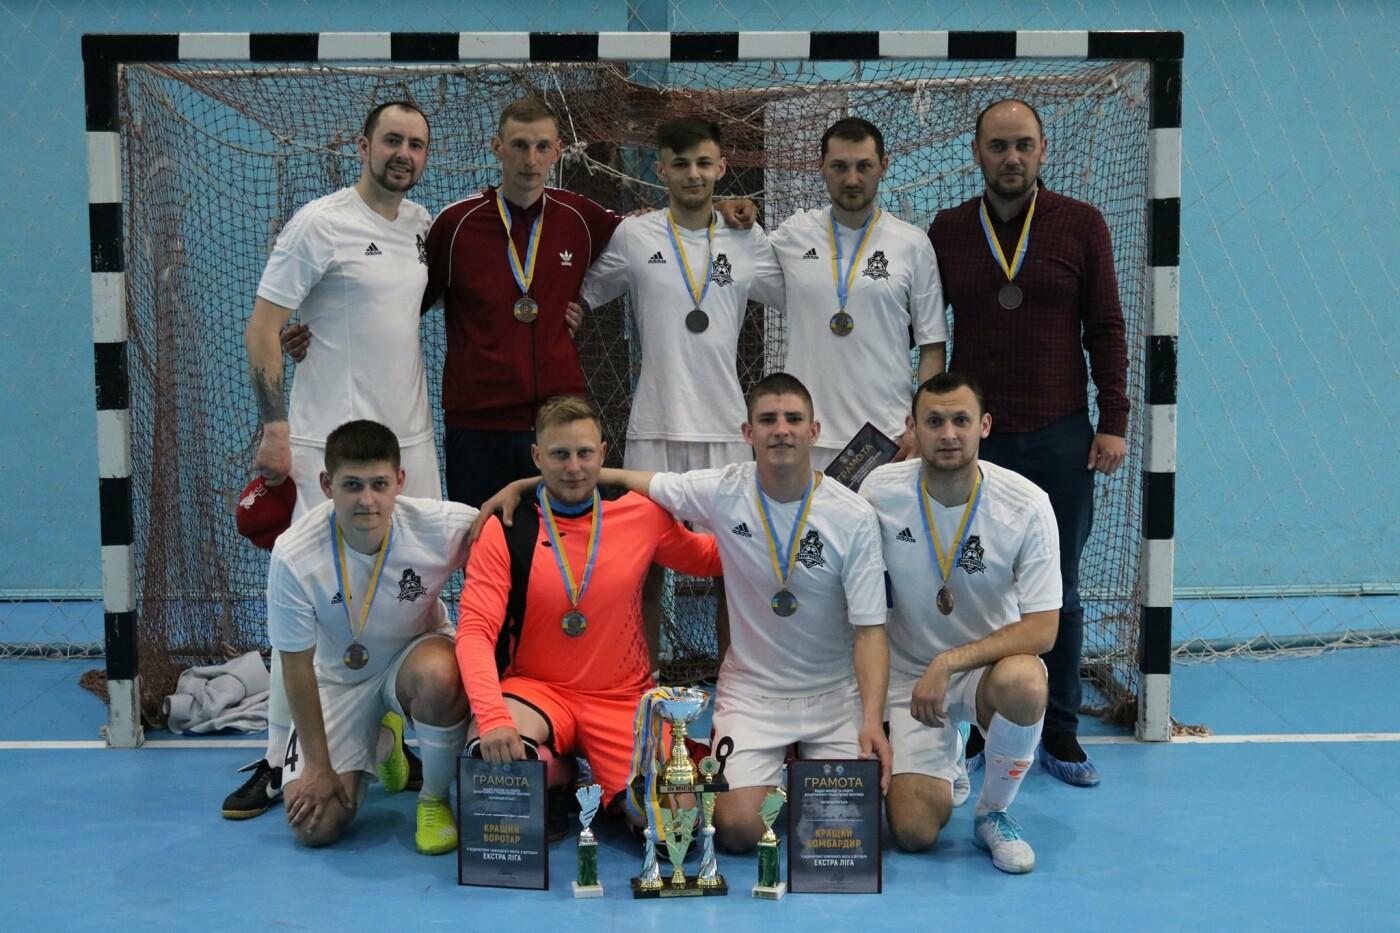 У Кам'янці вперше проходив чемпіонат з футболу серед любителів та професіоналів, фото-1